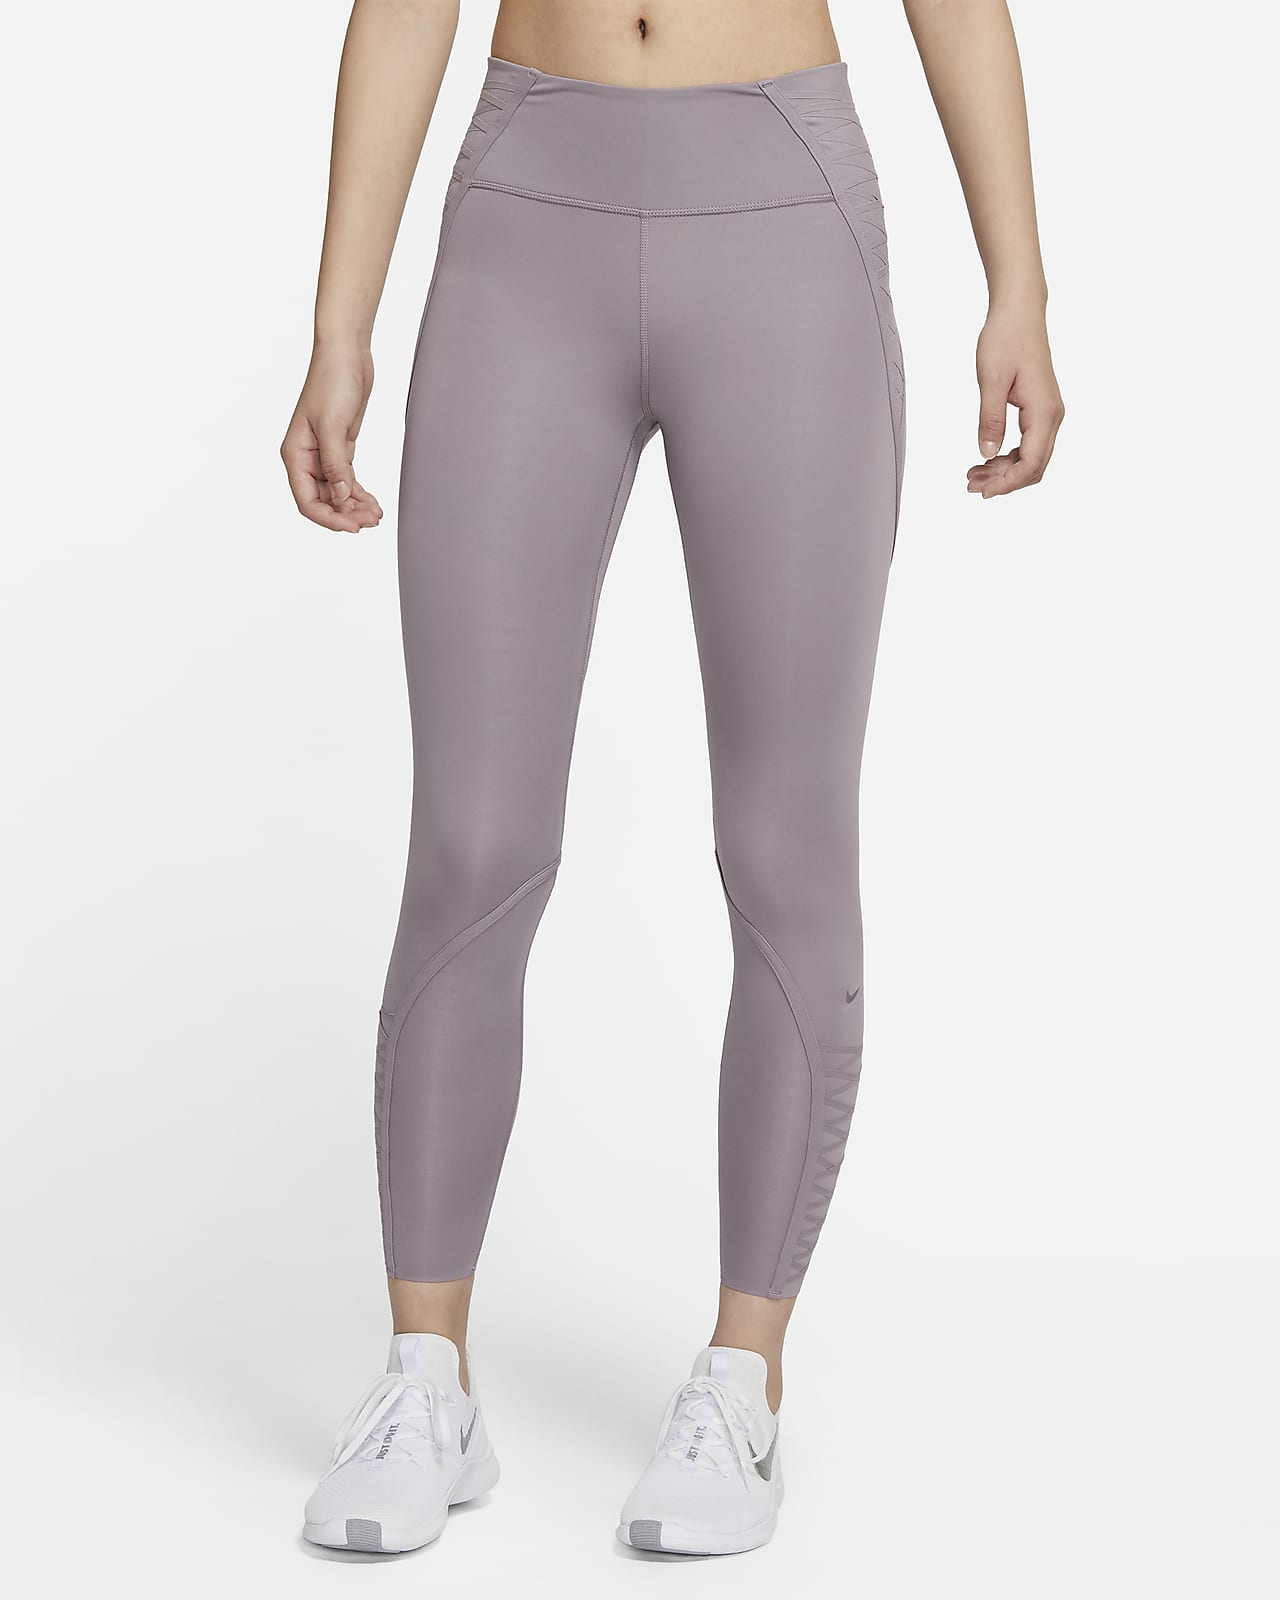 กางเกงรัดรูปผู้หญิง 7/8 ส่วน Nike One Luxe